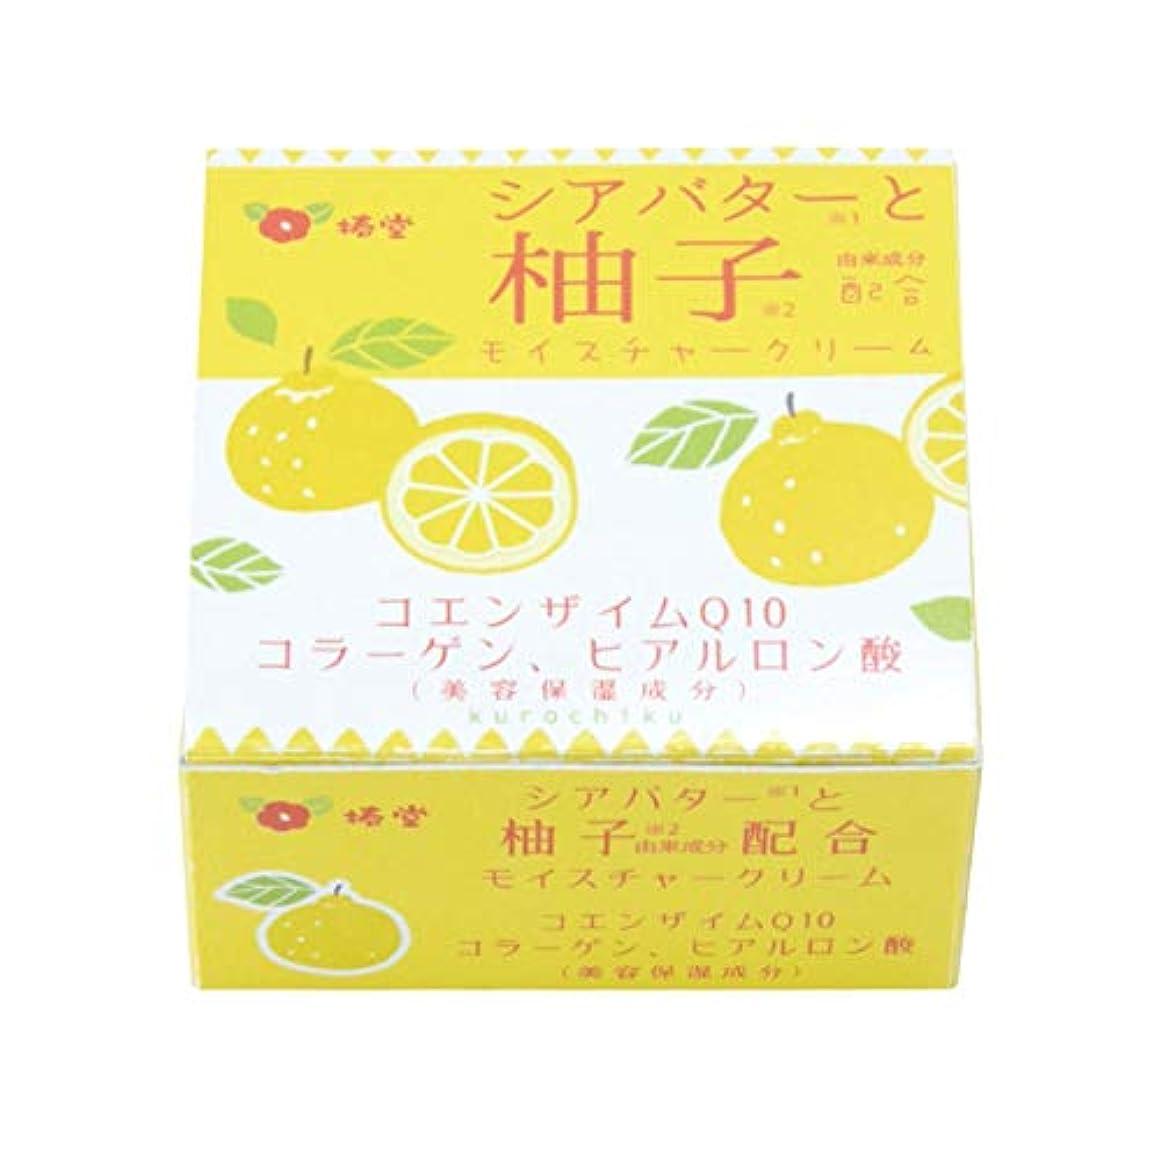 桁ソーセージスーパーマーケット椿堂 柚子モイスチャークリーム (シアバターと柚子) 京都くろちく